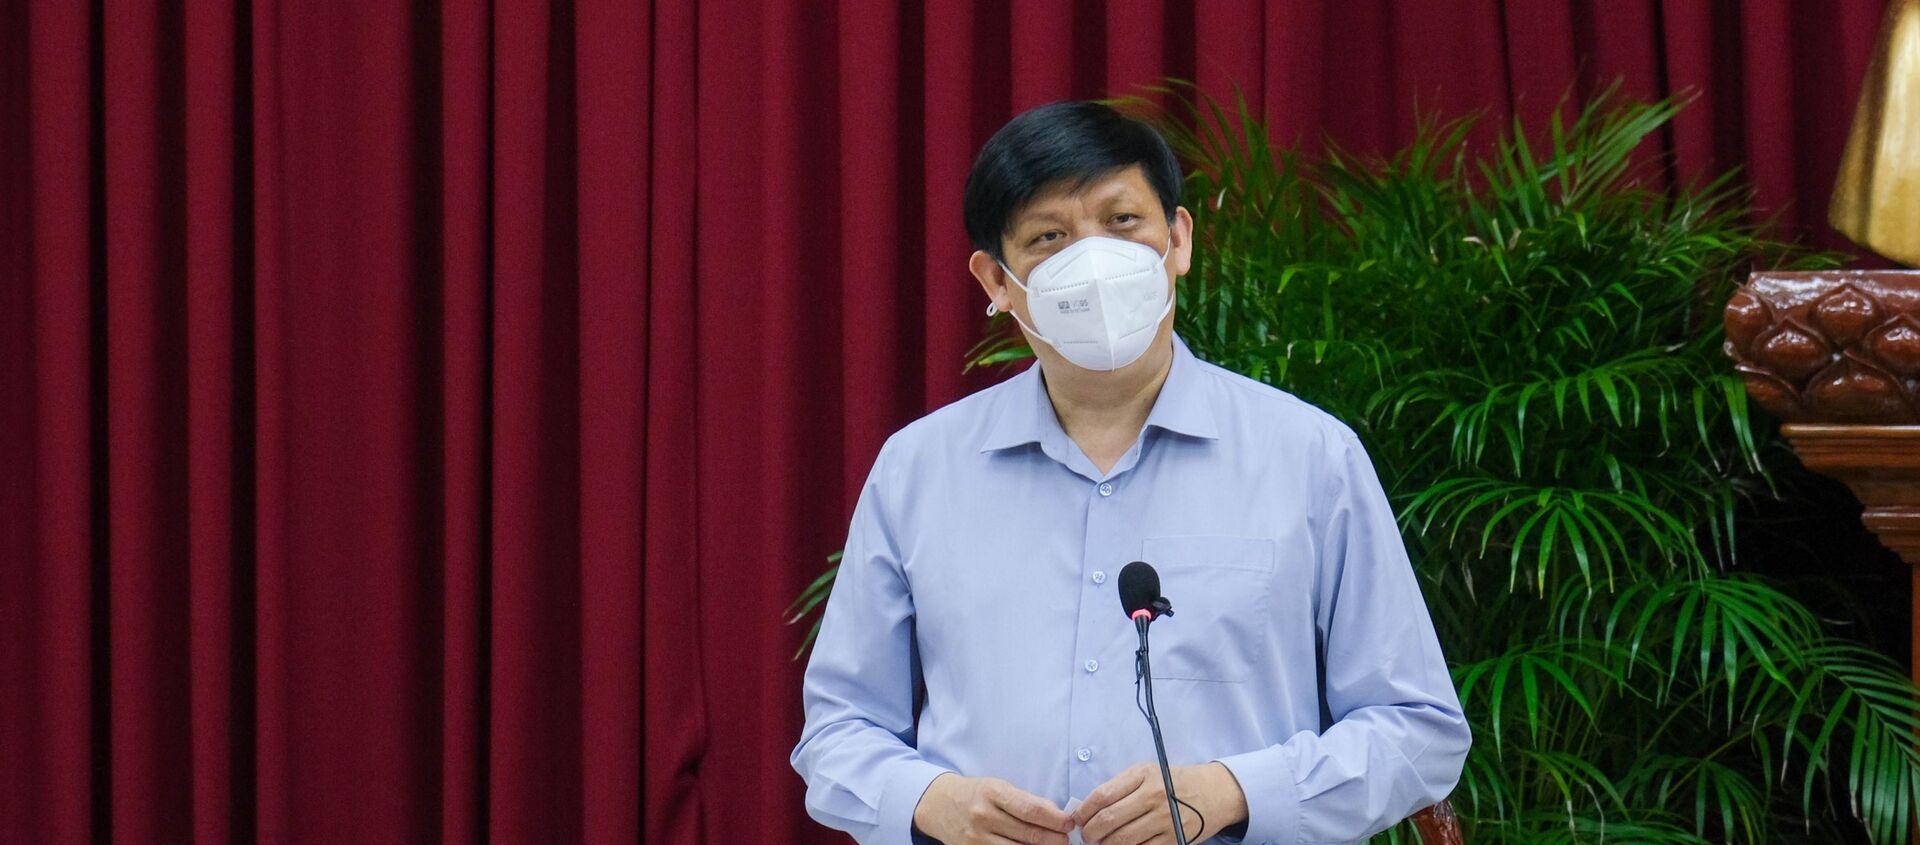 Bộ trưởng Bộ Y tế Nguyễn Thanh Long phát biểu tại buổi làm việc - Sputnik Việt Nam, 1920, 31.07.2021